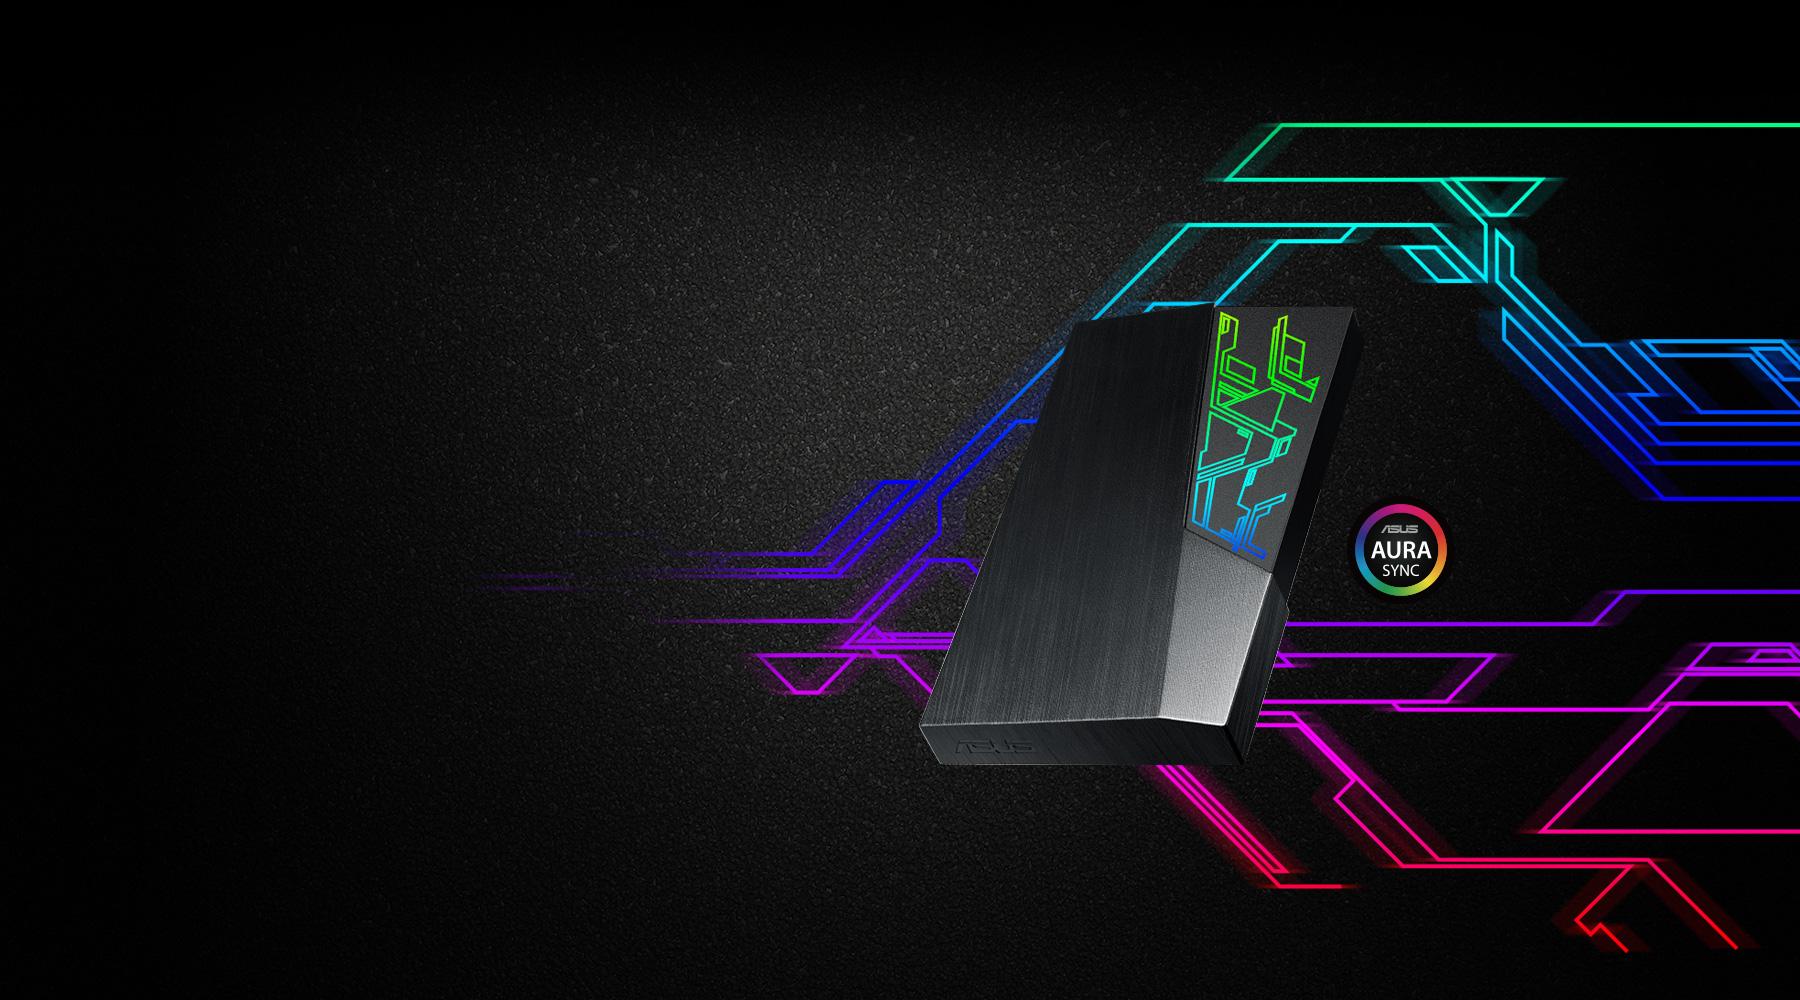 Ổ cứng di động HDD Asus FX Aura Sync RGB tin hoc dai viet